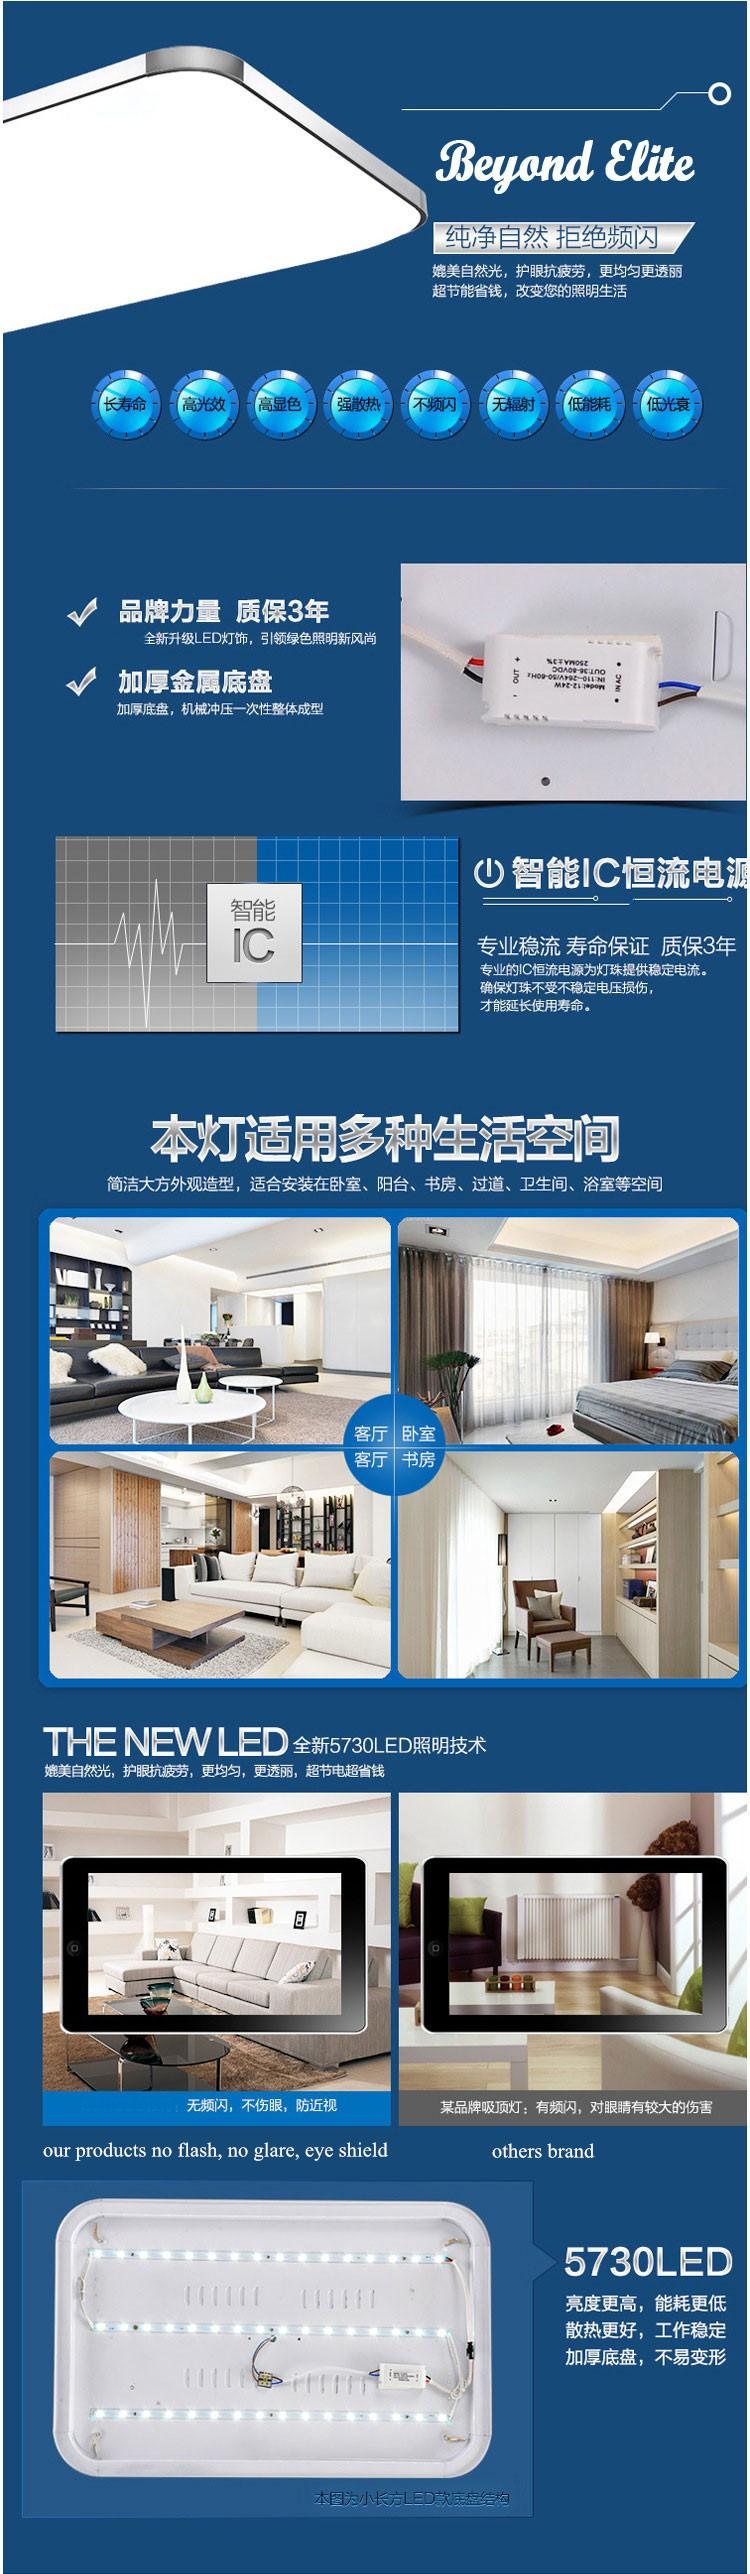 Современные светодиодные потолочные свет для гостиной роскоши привели потолка света 300 * 300 12w apple стиль лампа